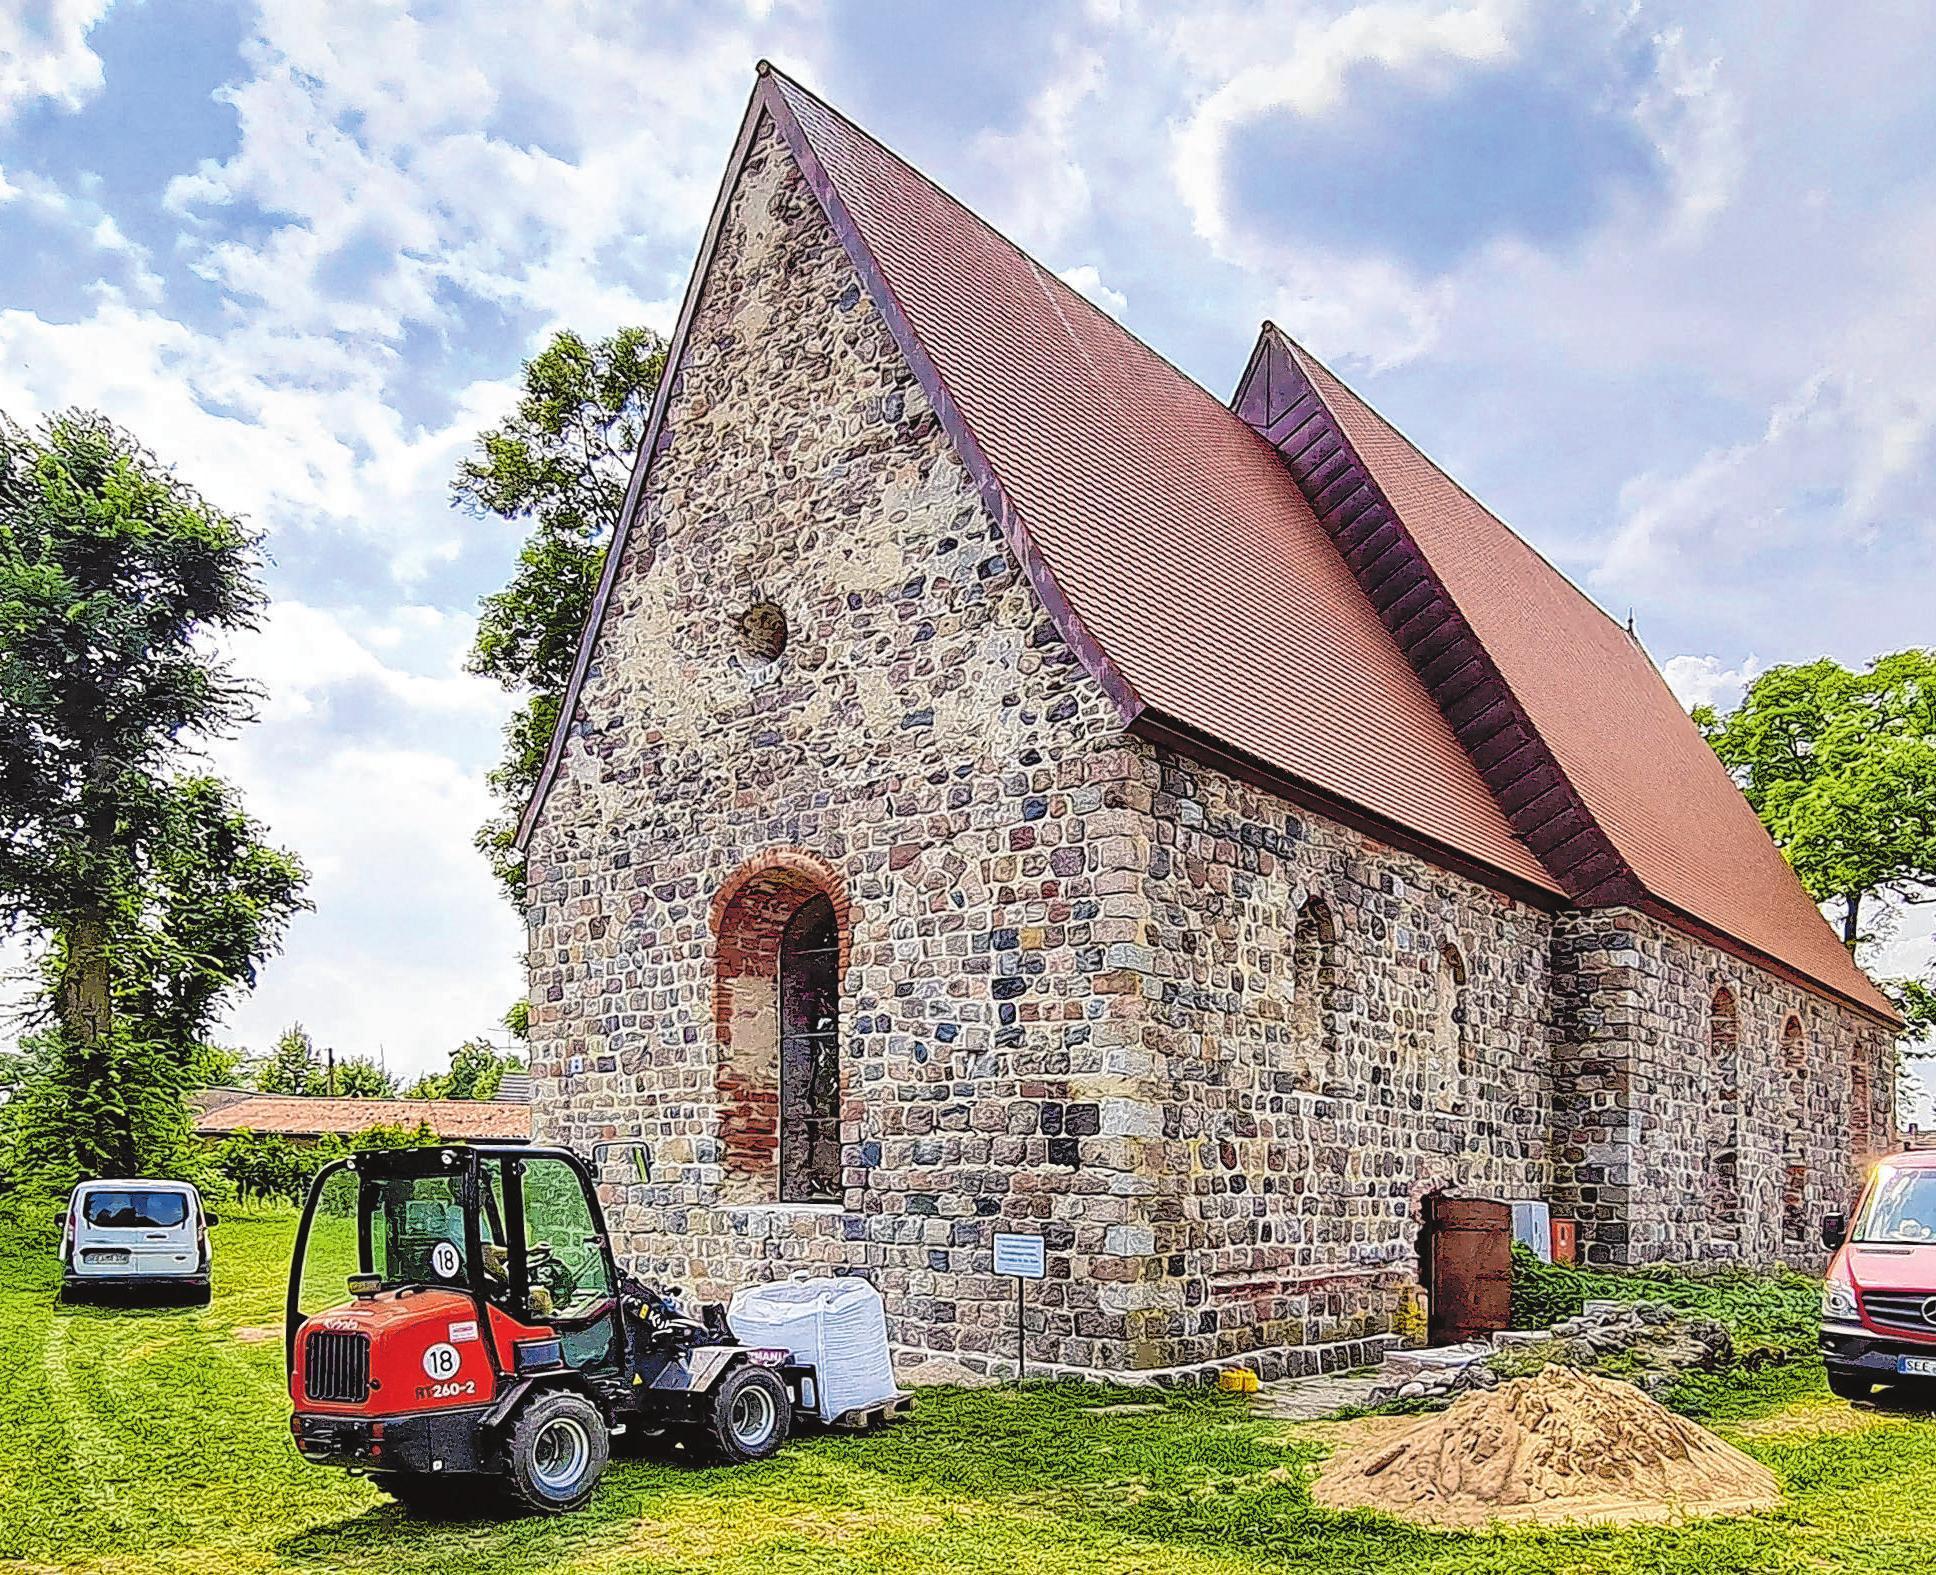 Nach und nach erstrahlt die Kirche in neuer alter Schönheit. Bauleute aus der Region haben die Sanierungsarbeiten in den vergangenen Monaten mit Fleiß und Ideenreichtum<br>ausgeführt.